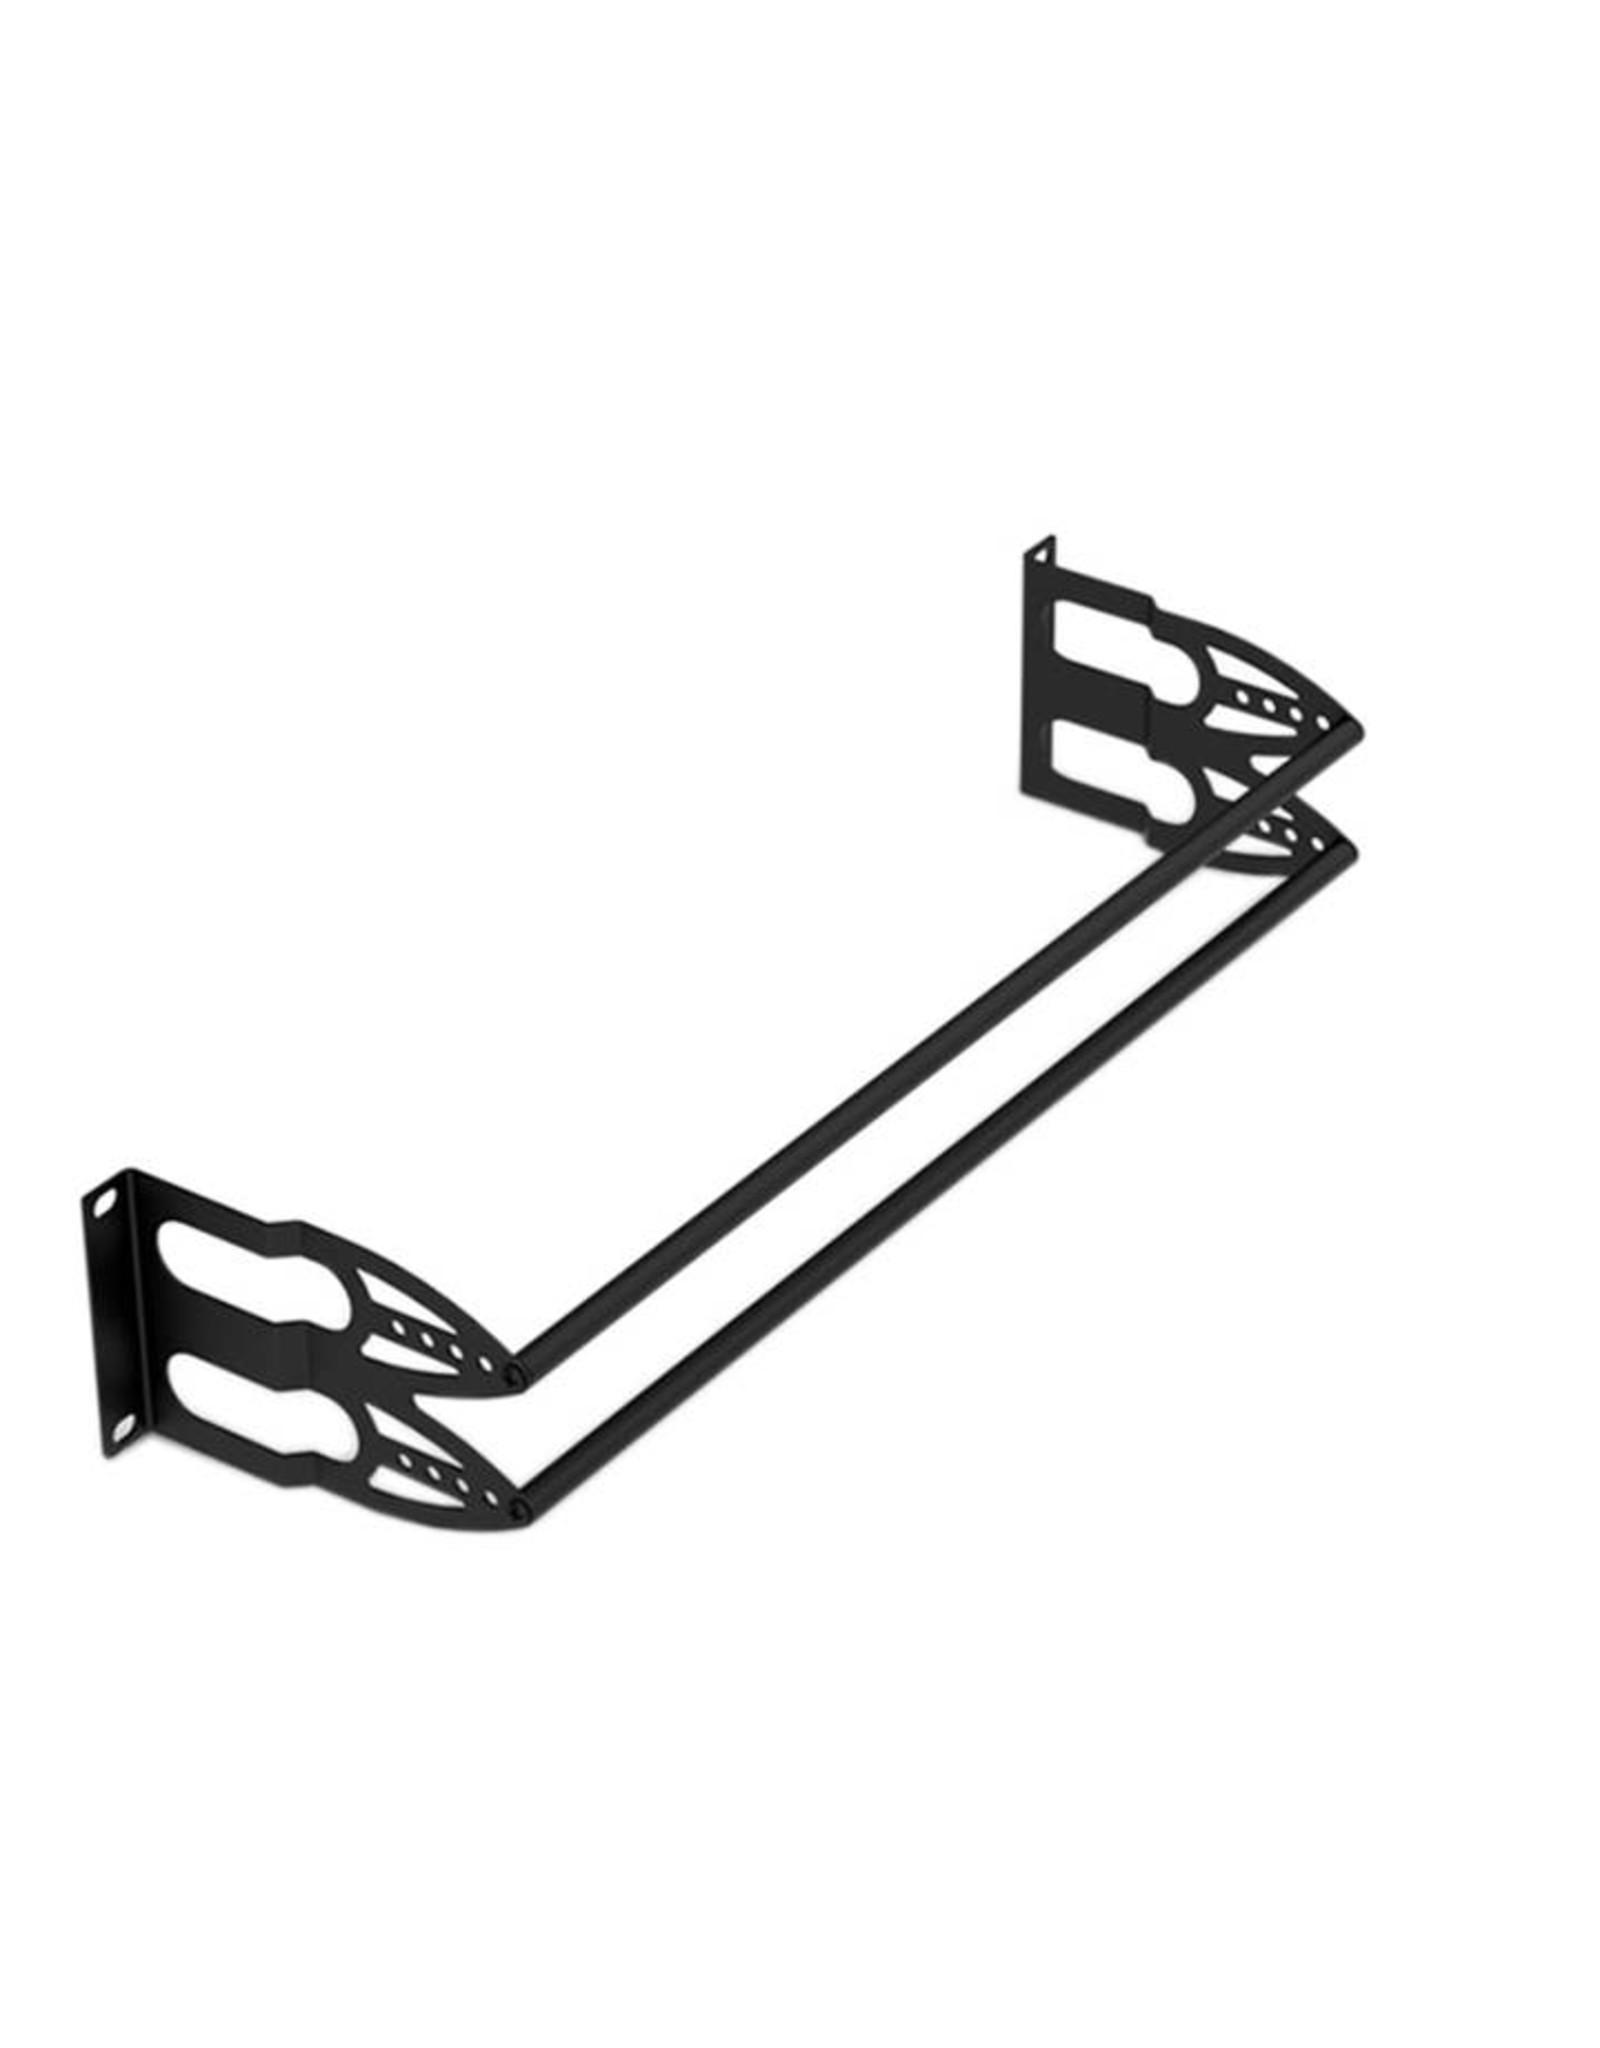 Penn Elcom Penn Elcom kabel tie bar kit, 2 HE